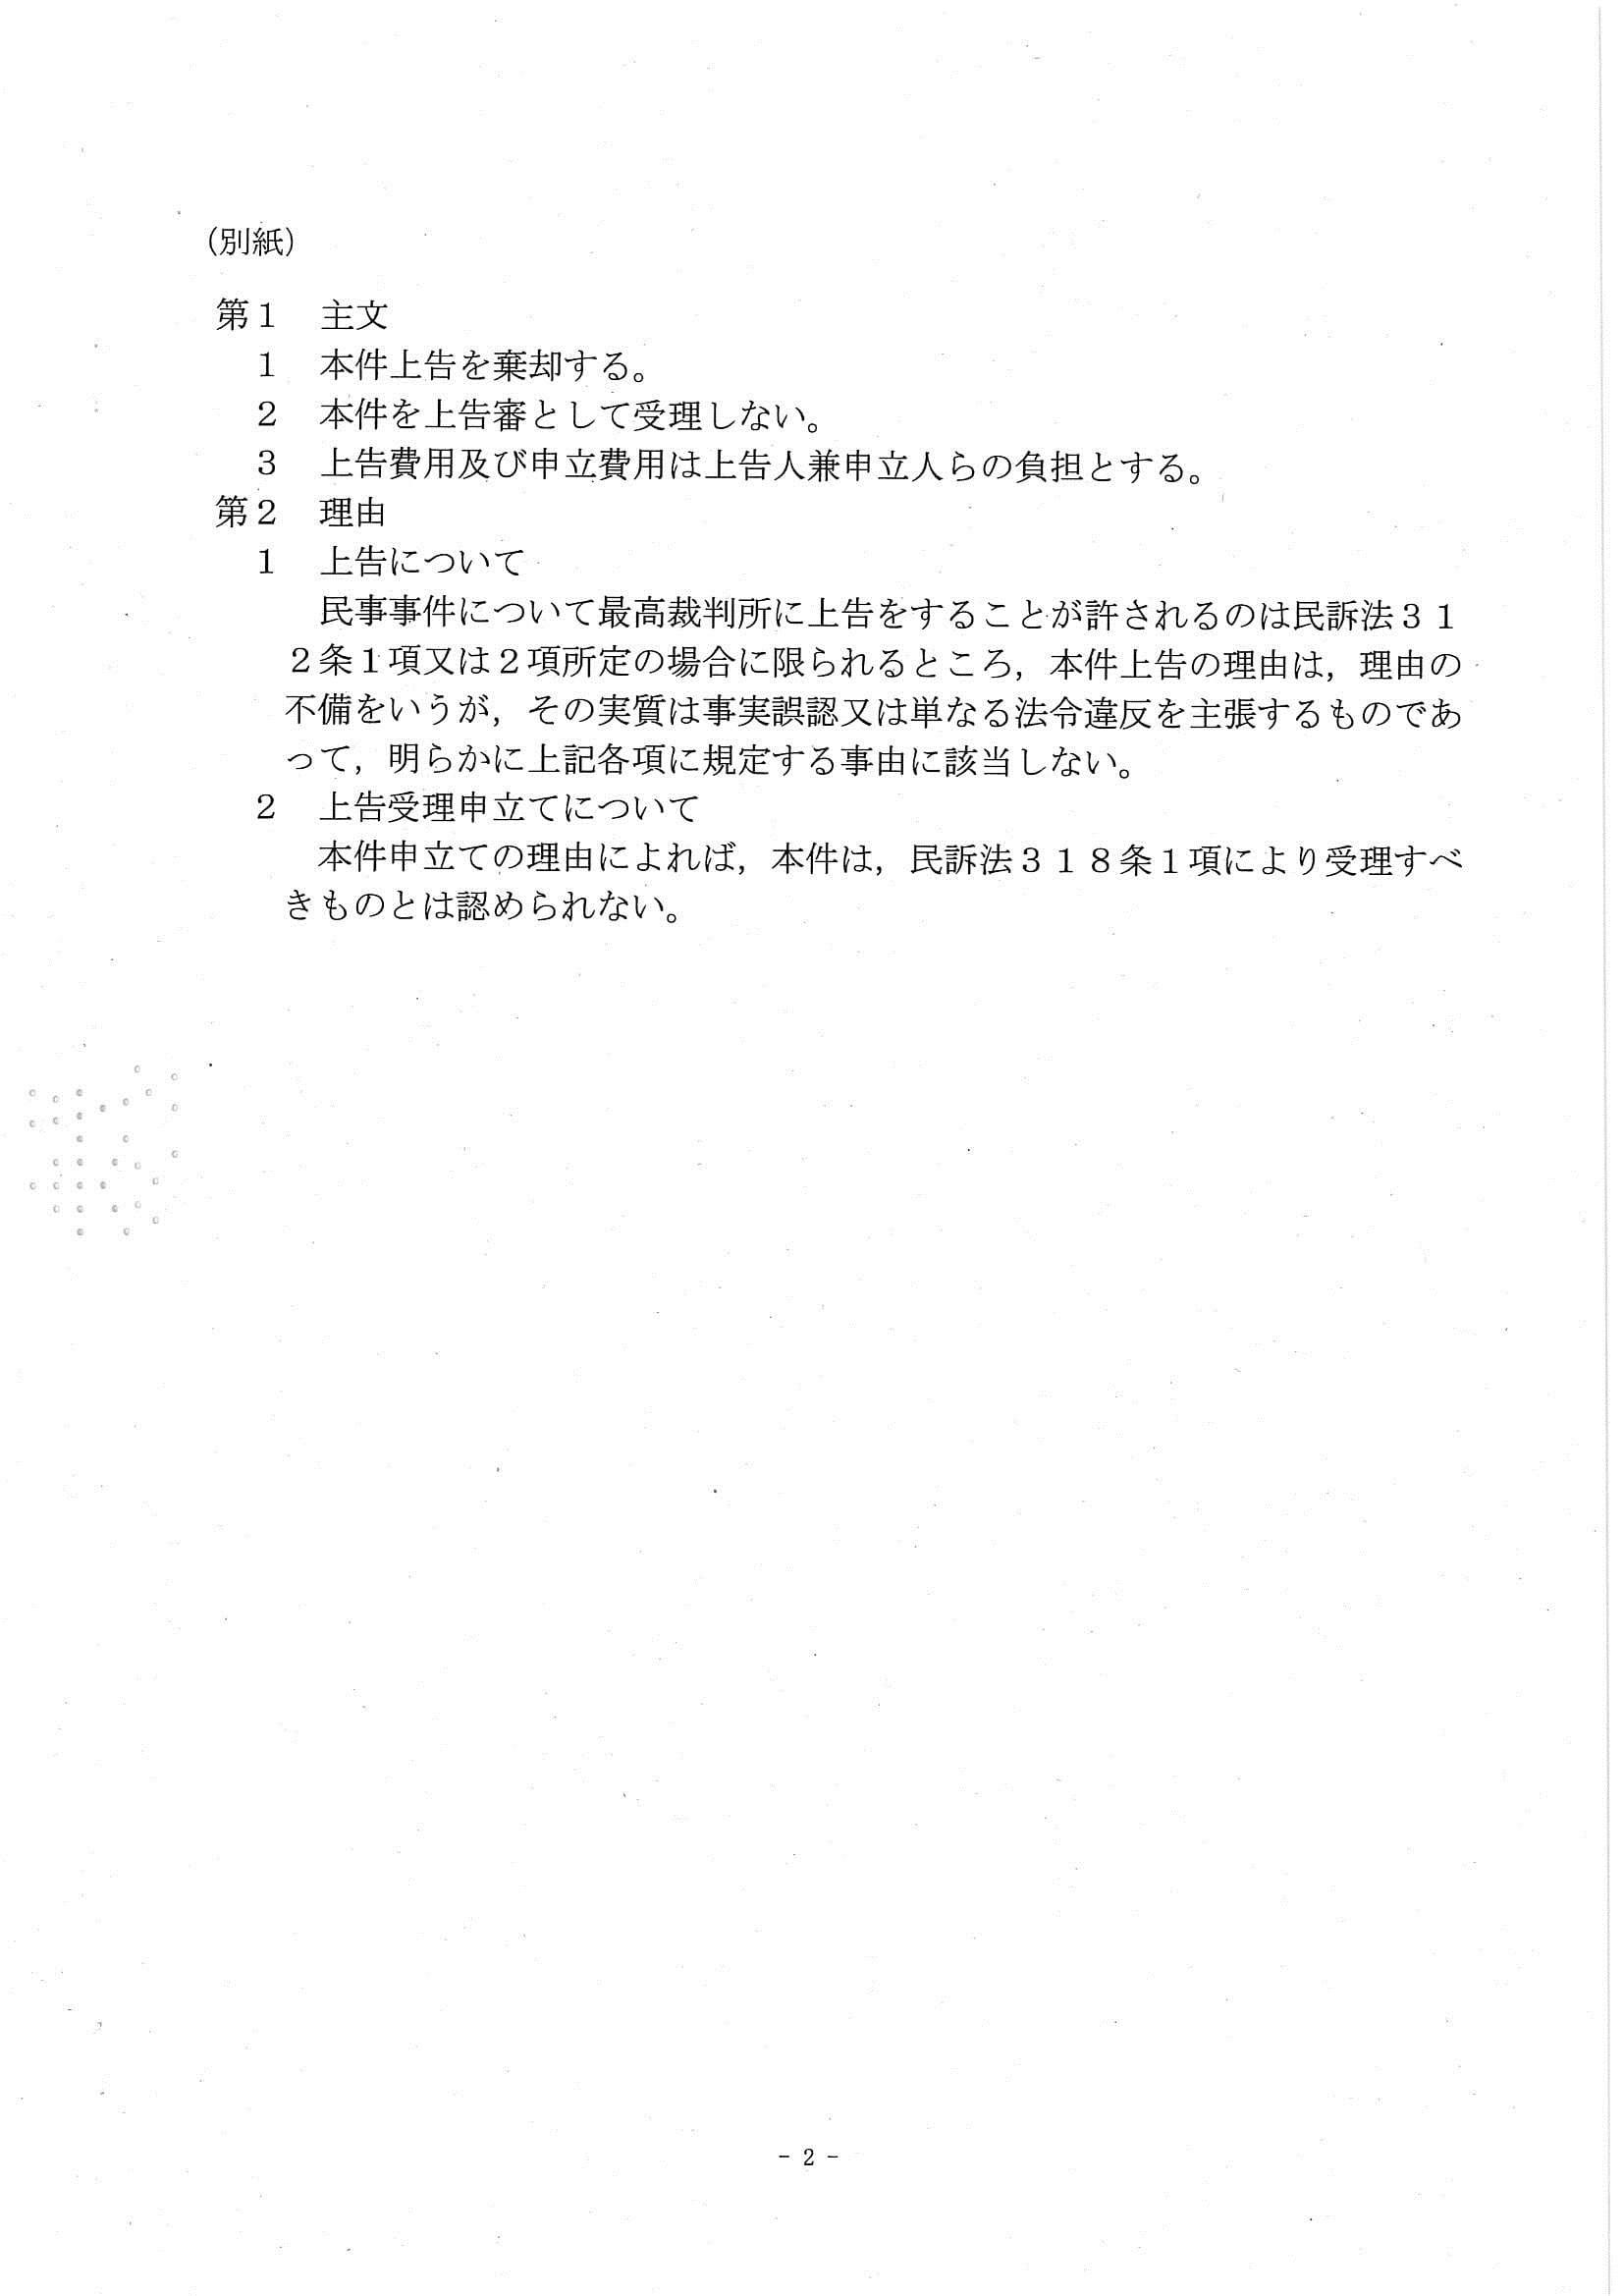 医療法人間 名誉棄損裁判 :  最高裁判所の判断_d0092965_04254268.jpg